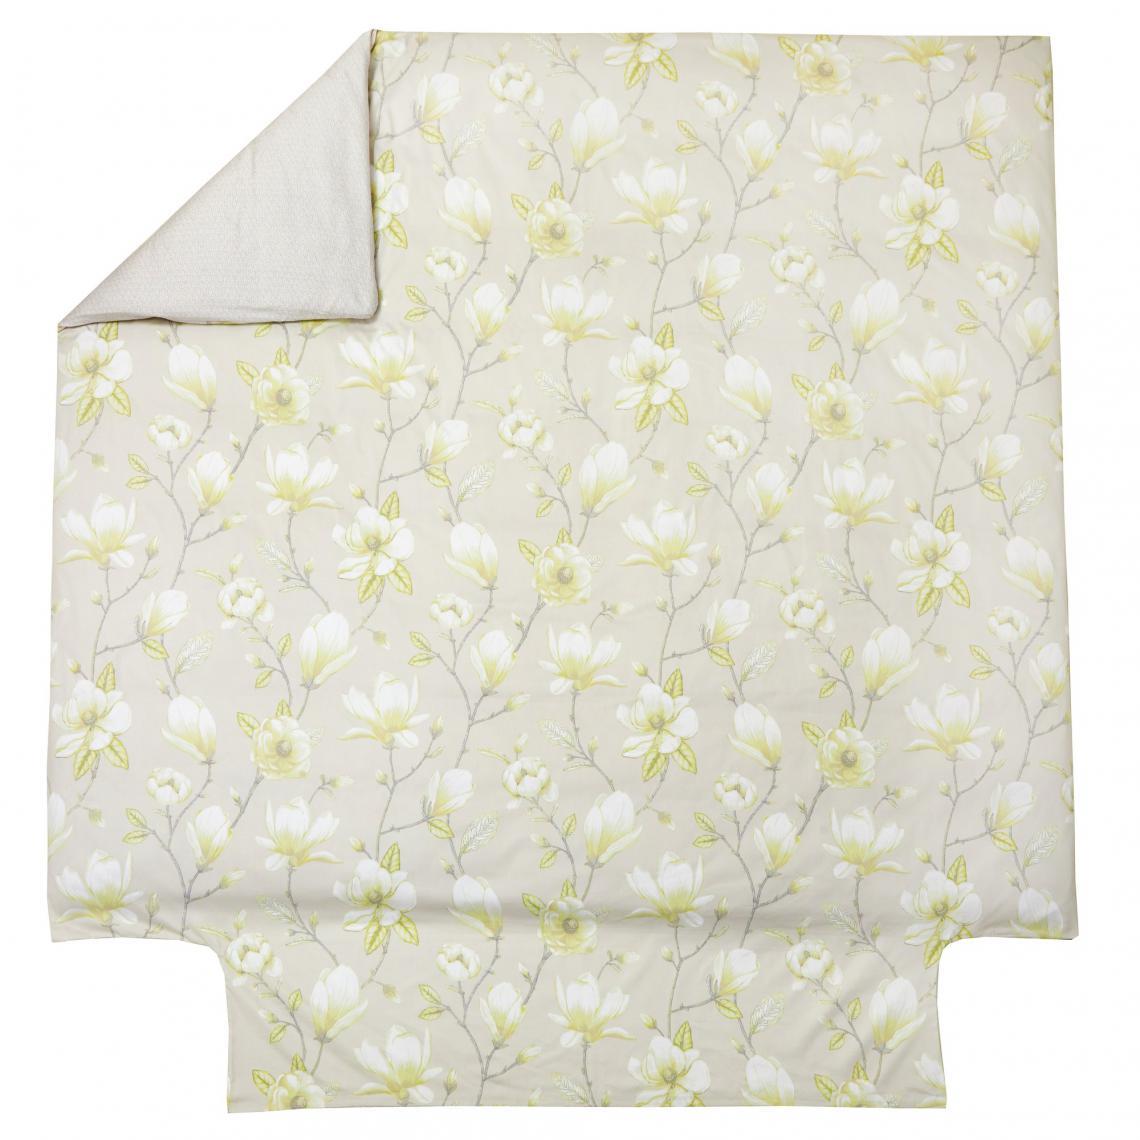 Housse de couette 1 ou 2 personnes satin de coton imprimé Marly Blanc des Vosges - Vert 8YnRT